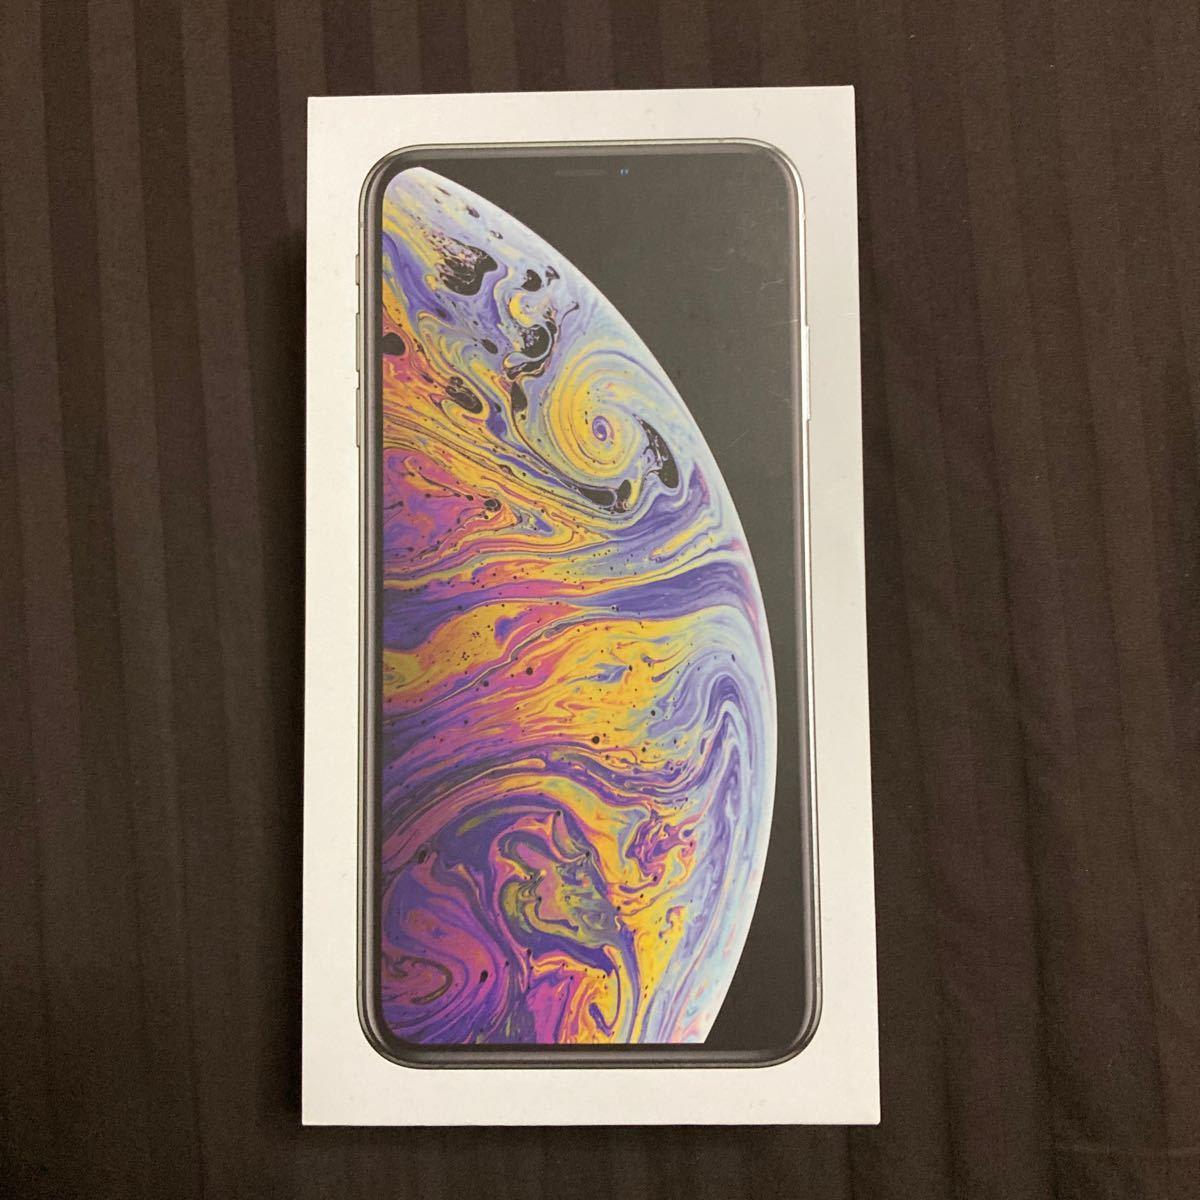 新品未使用 SIMフリー iPhone XS Max 512GB シルバー docomo SIMロック解除済み iPhoneXs_画像1